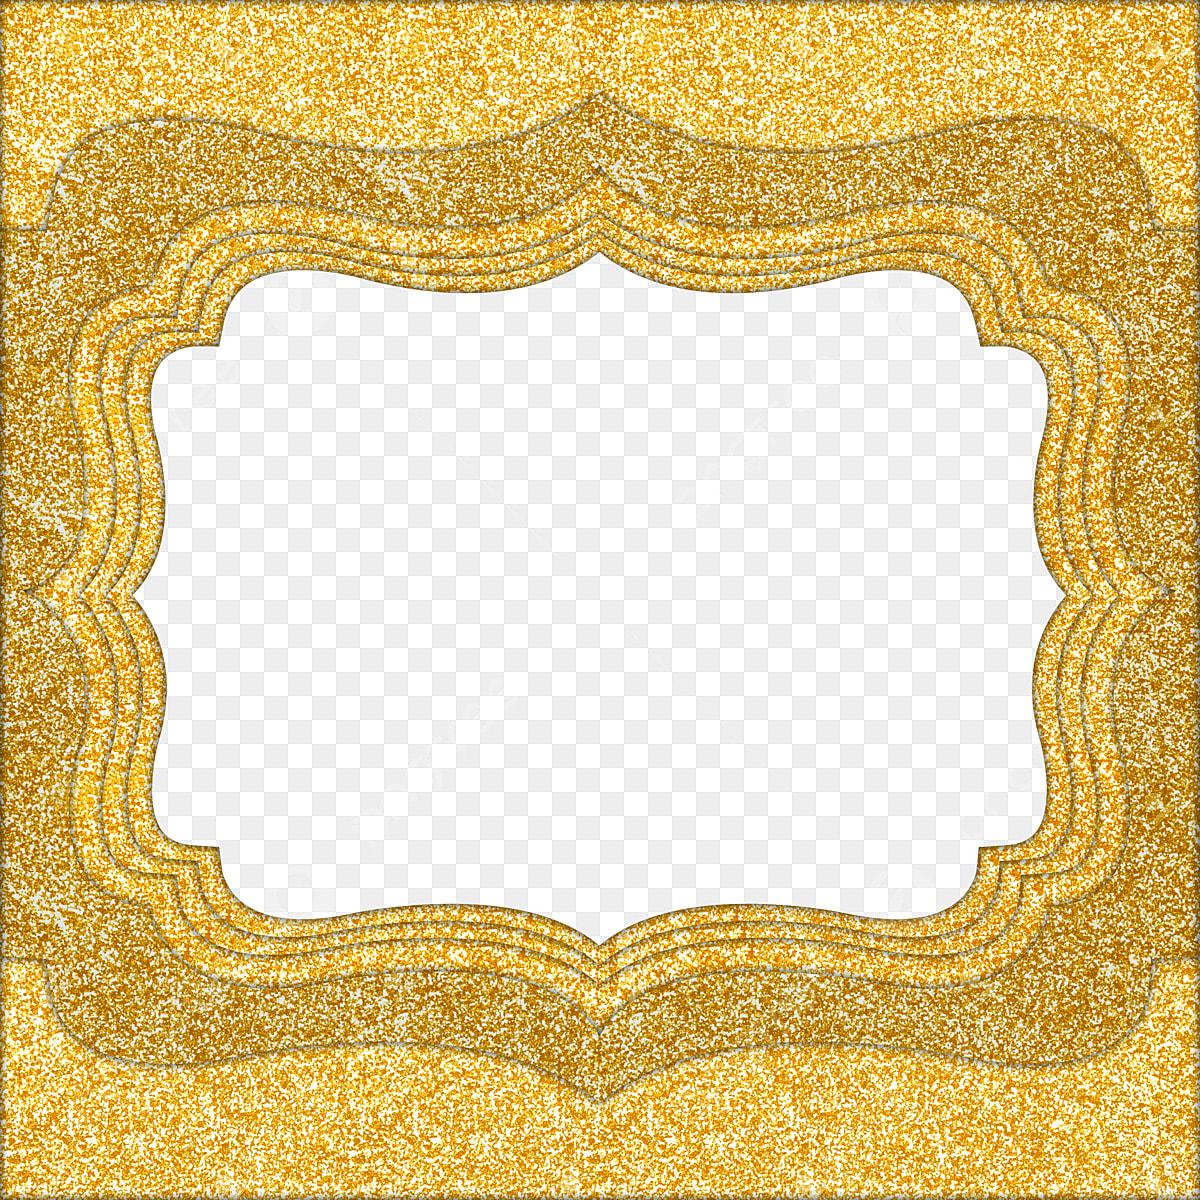 Quadro De Casamento Dourado Arte Fundo Fronteira Arquivo